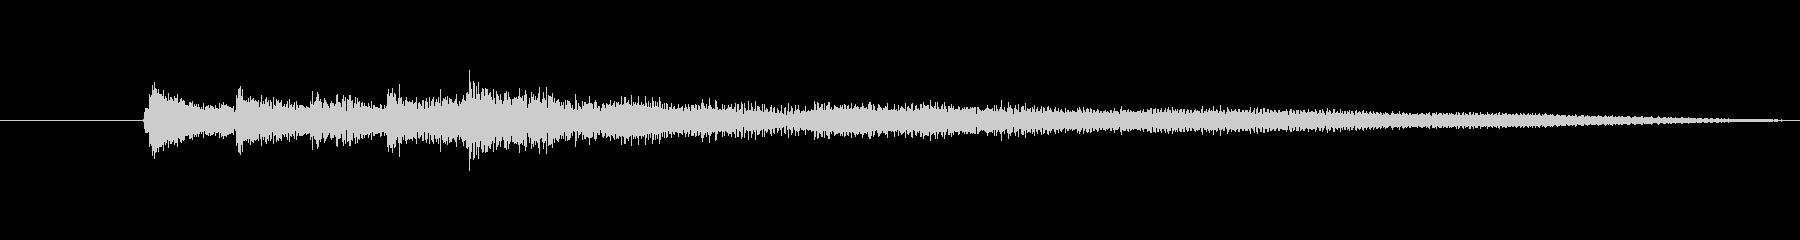 【後半へつづく】ブルージーなアイキャッチの未再生の波形